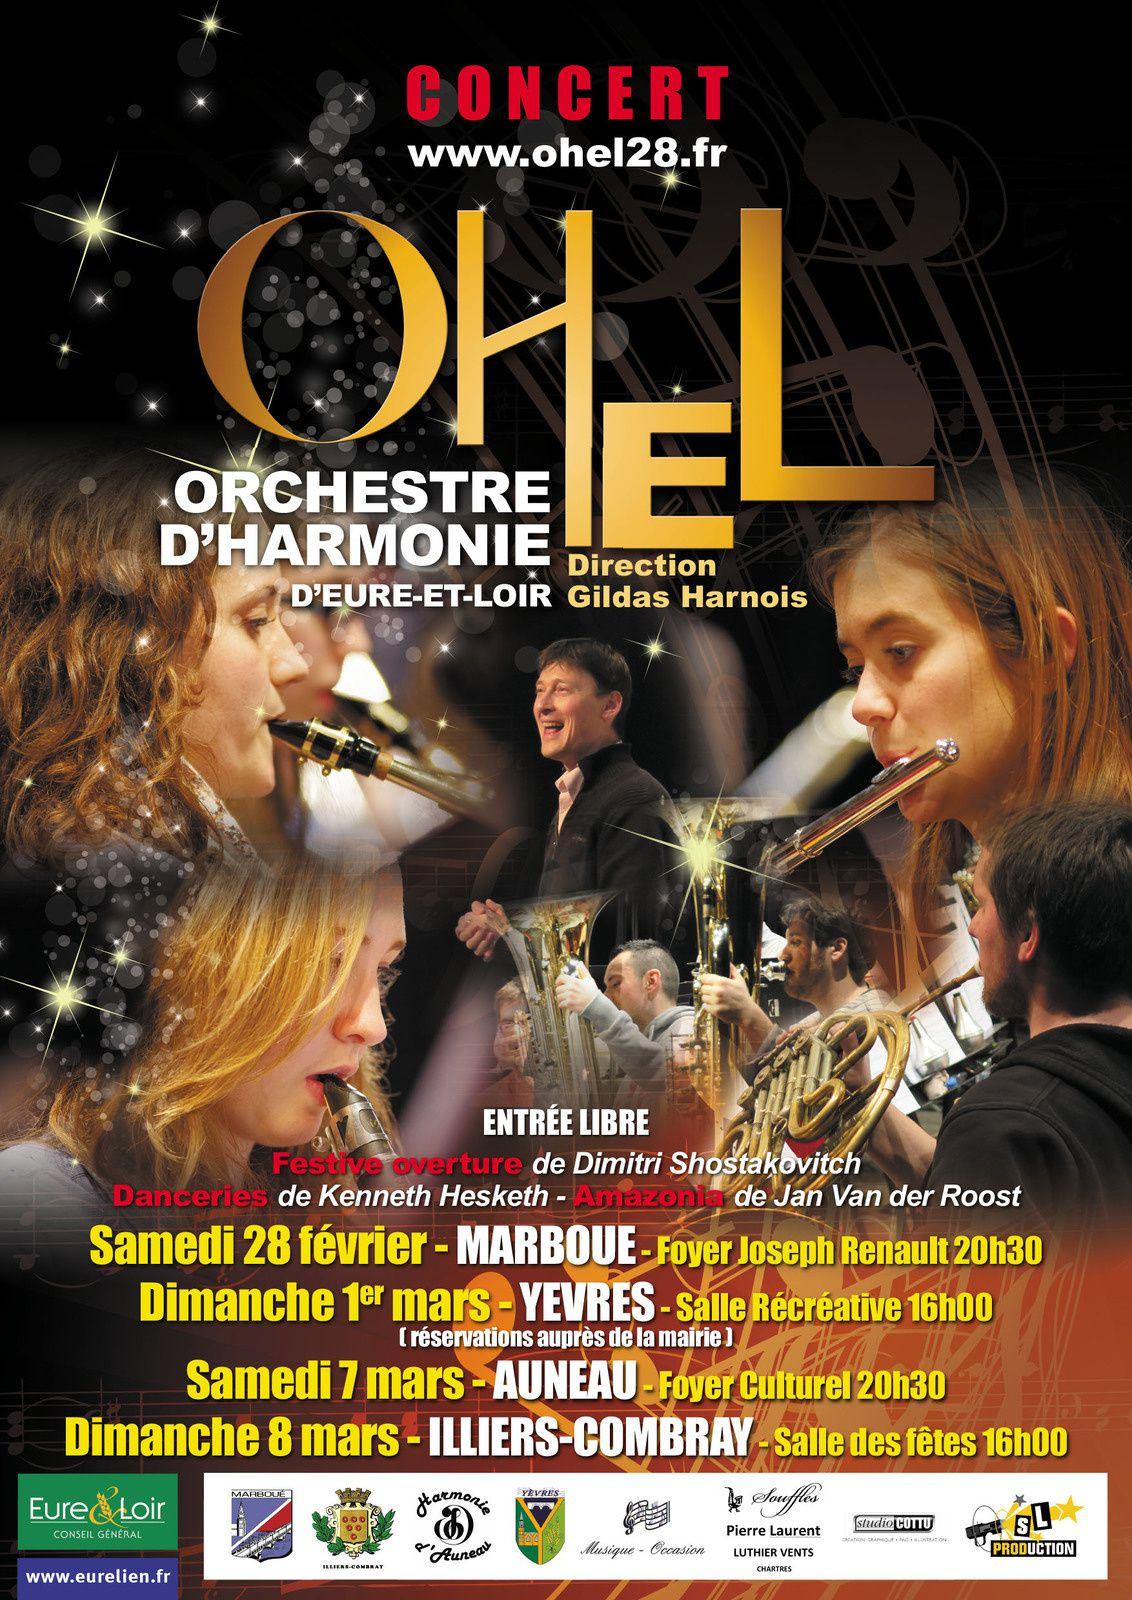 L'Orchestre d'Harmonie d'Eure et Loir à Marboué le 28 février